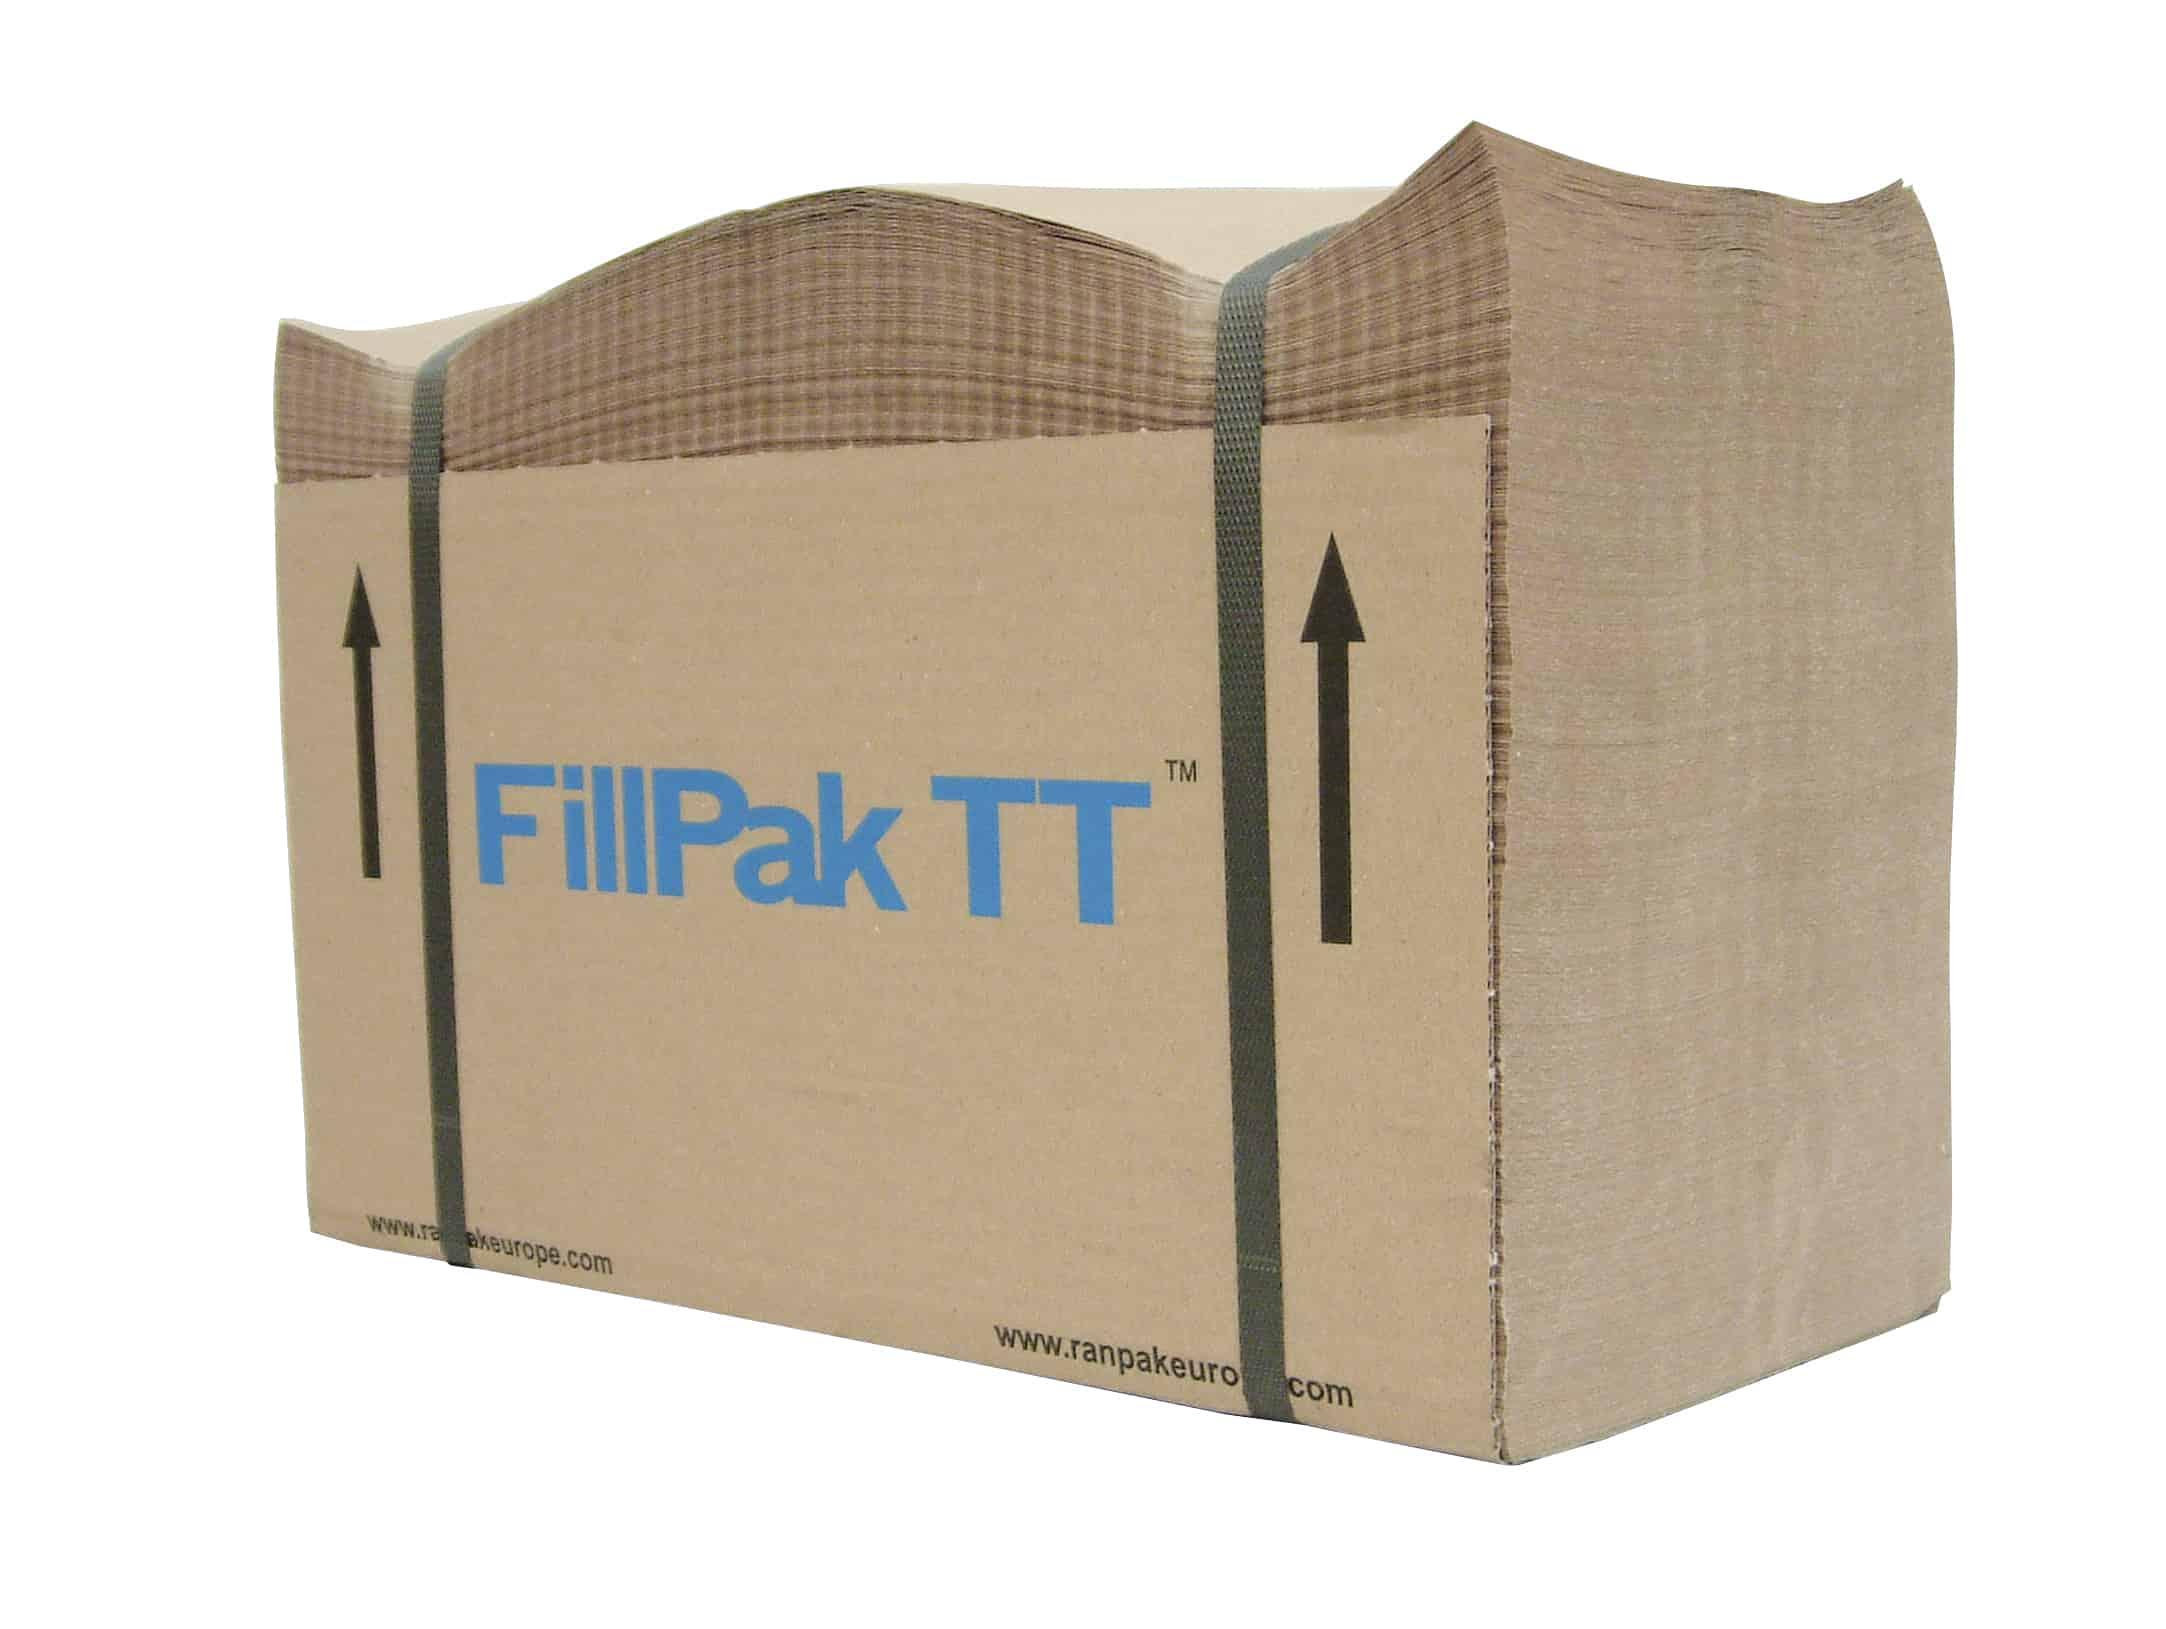 FillPak wypełniacze, wypełniacze papierowe do paczek